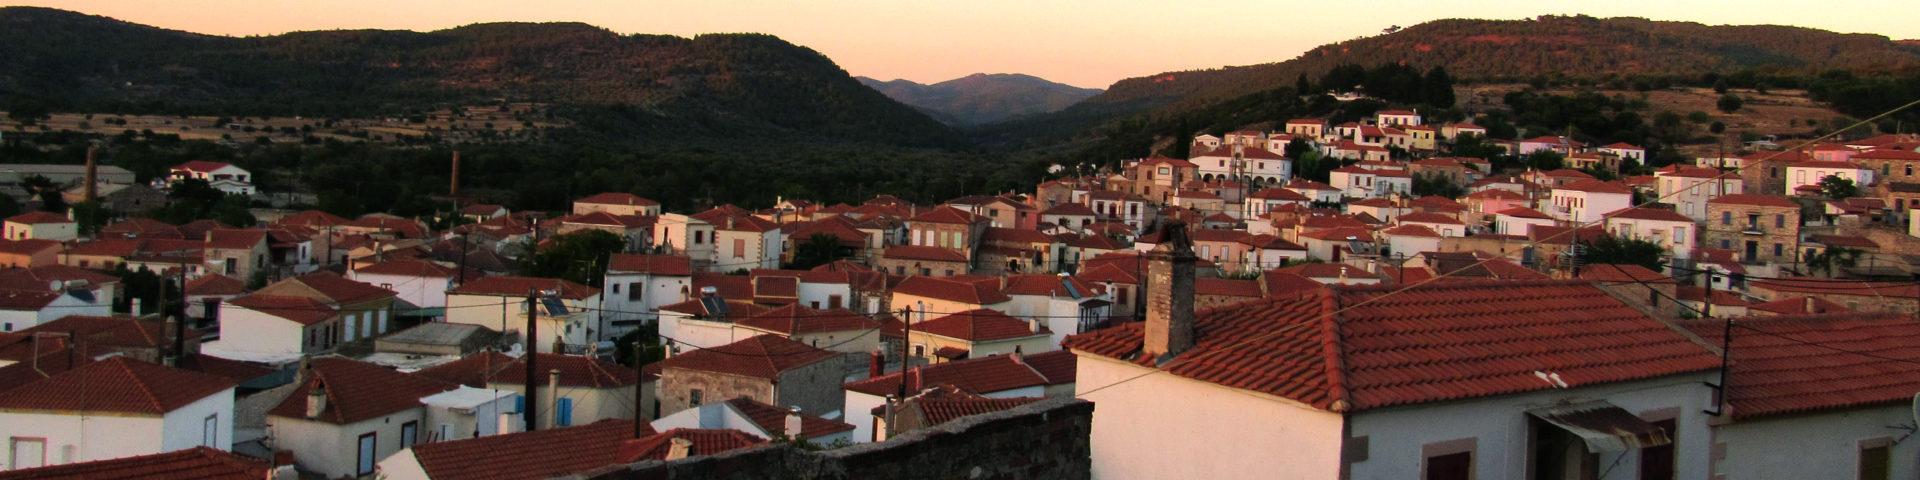 Πολιτιστικός Σύλλογος Βρισαγωτών Λέσβου Αθήνας